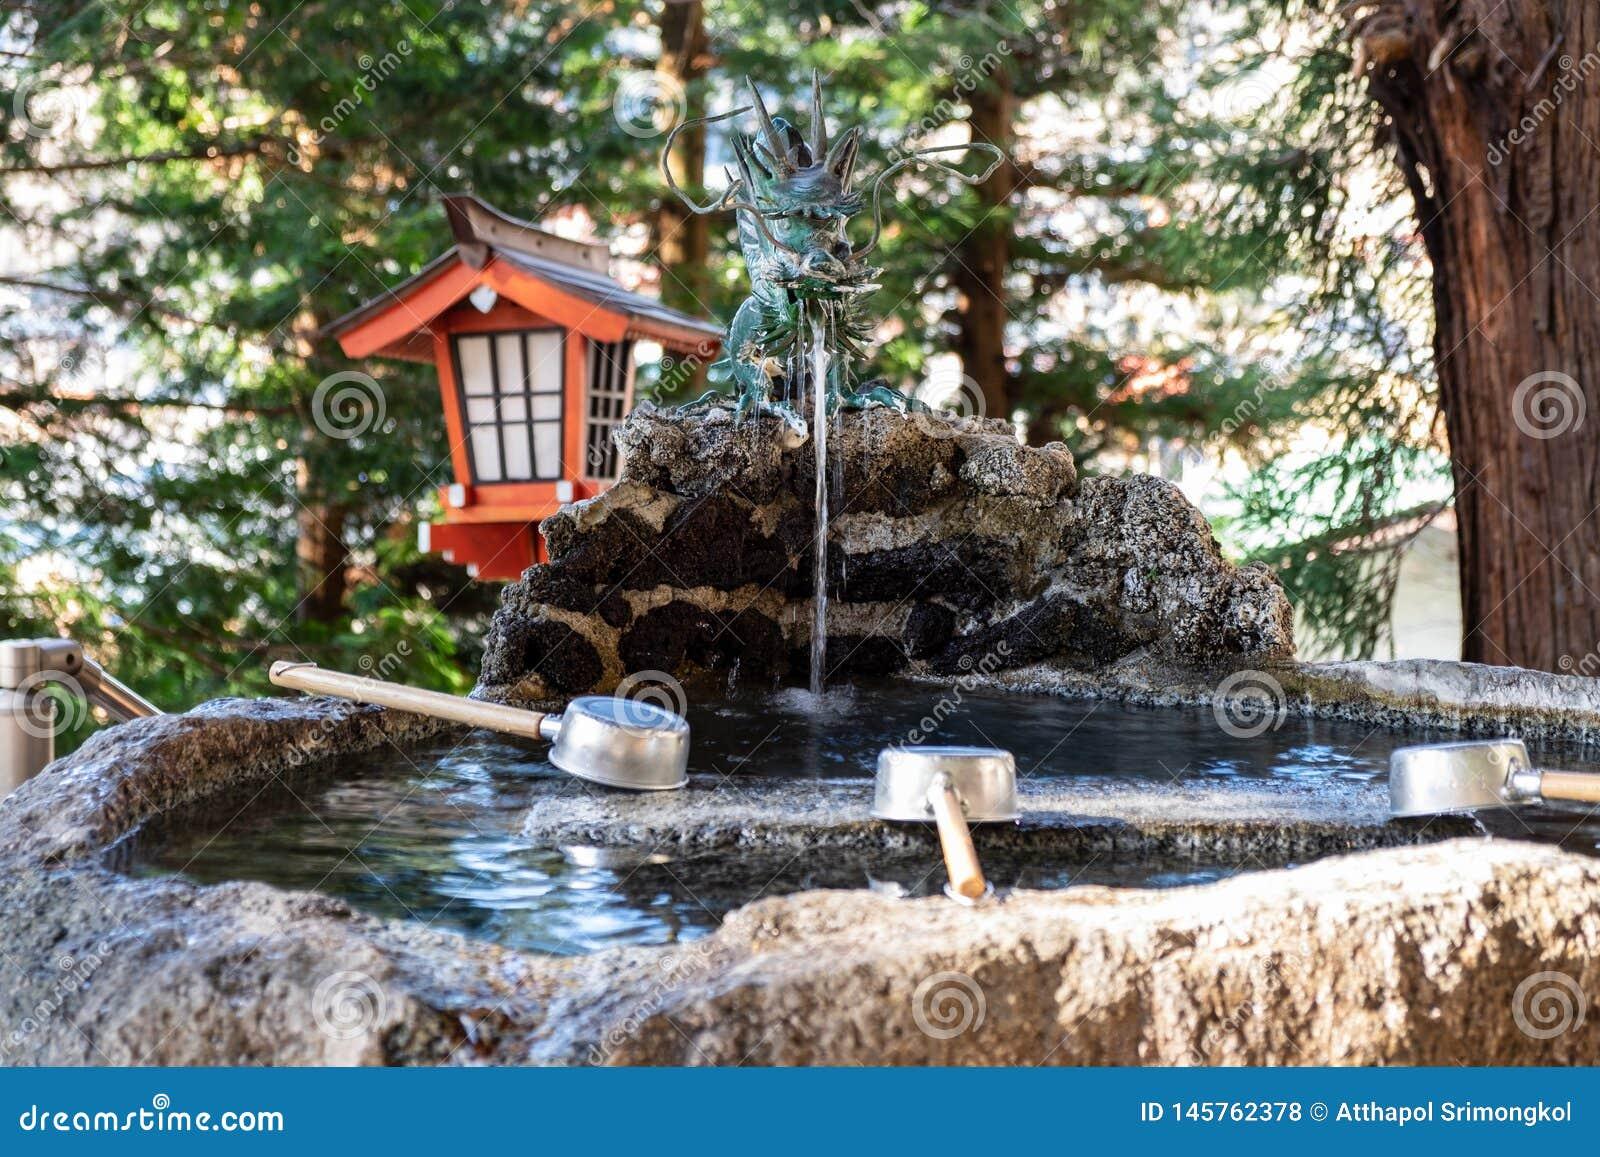 L eau dans l étang qui est considéré tombeau au Japon qui est situé dans une forêt